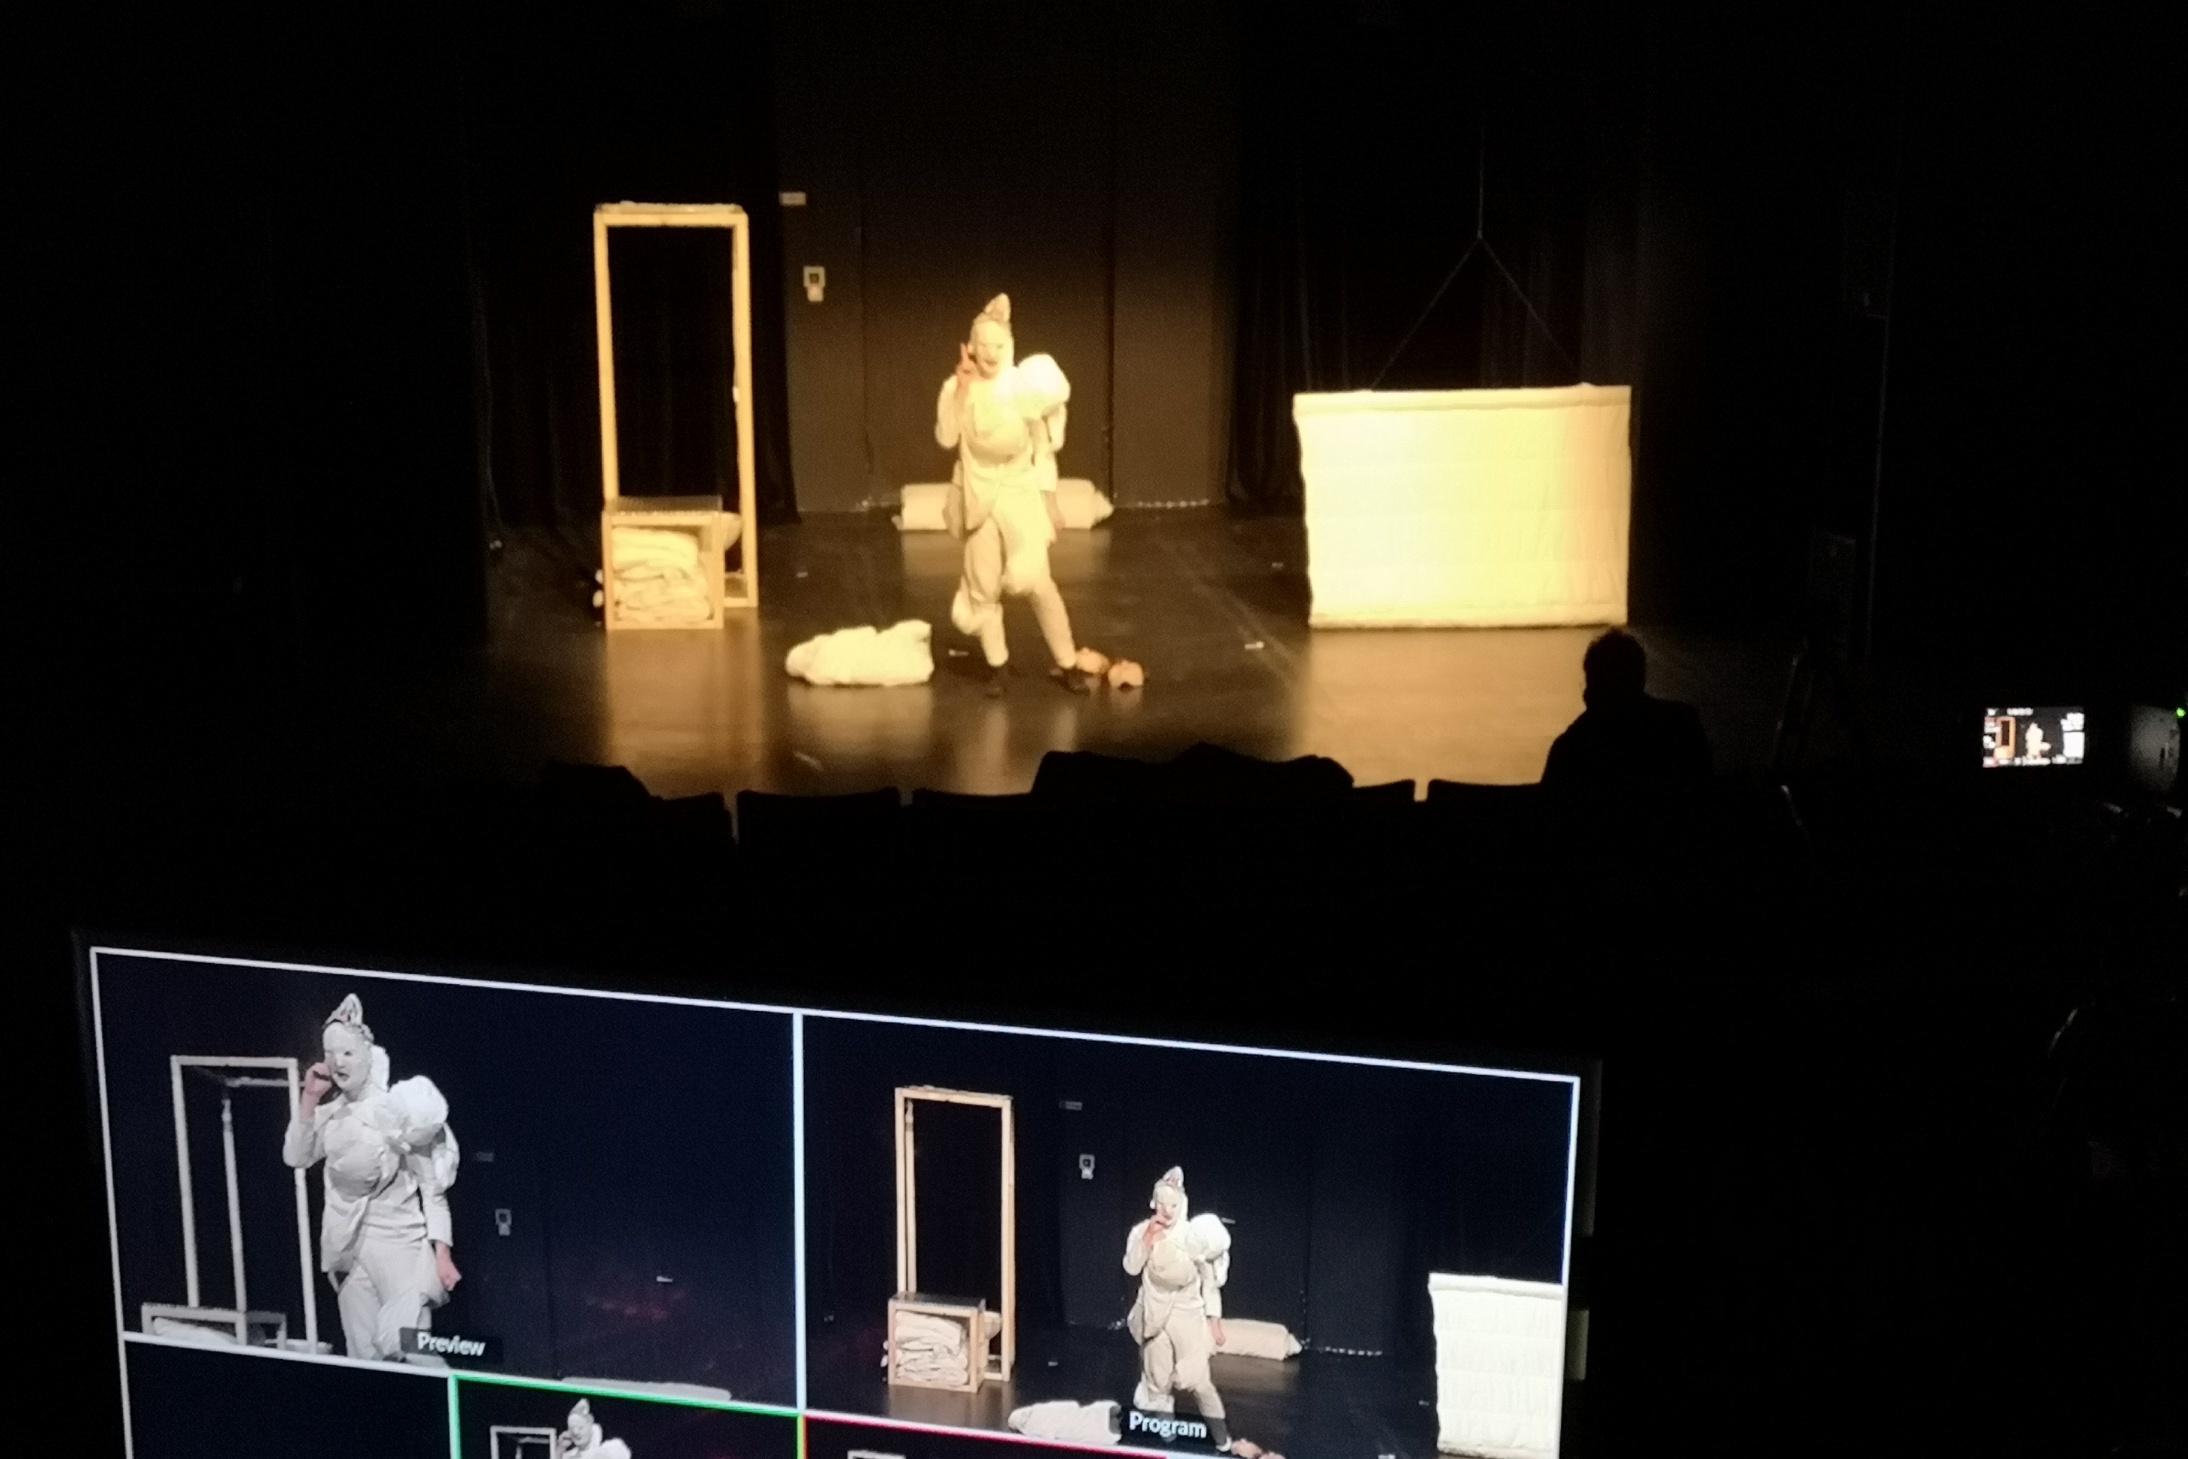 Bildschirm mit verschiednenen Frames, die das zeigen, was weiter hinten auf der Bühne zu sehen ist: Eine Figur in weißem Kostüm, daneben zwei eckige Gegenstände auf der Bühne.